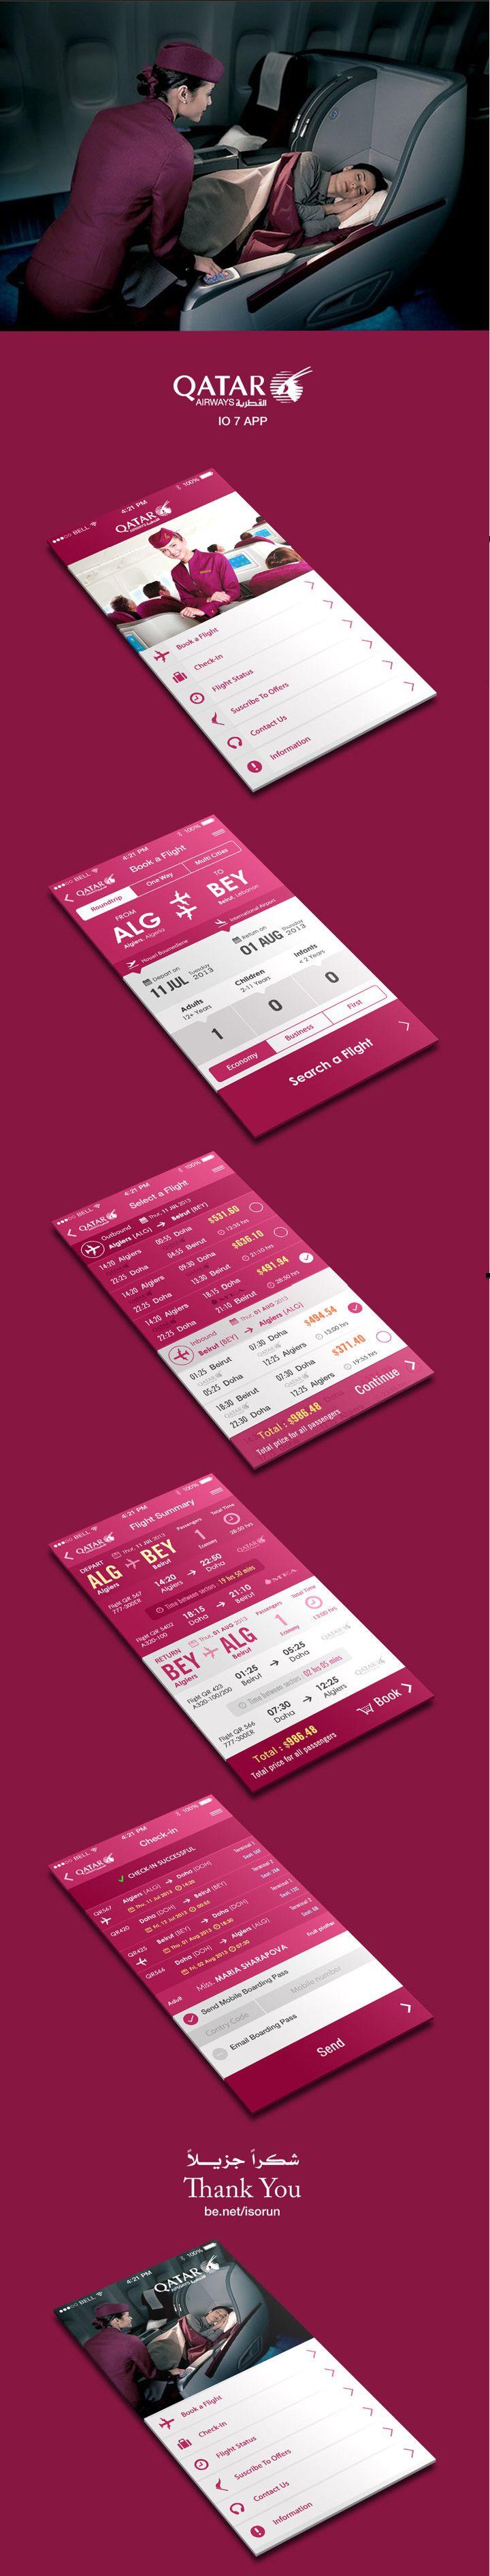 APP design. UI Graphic Design. Mobile